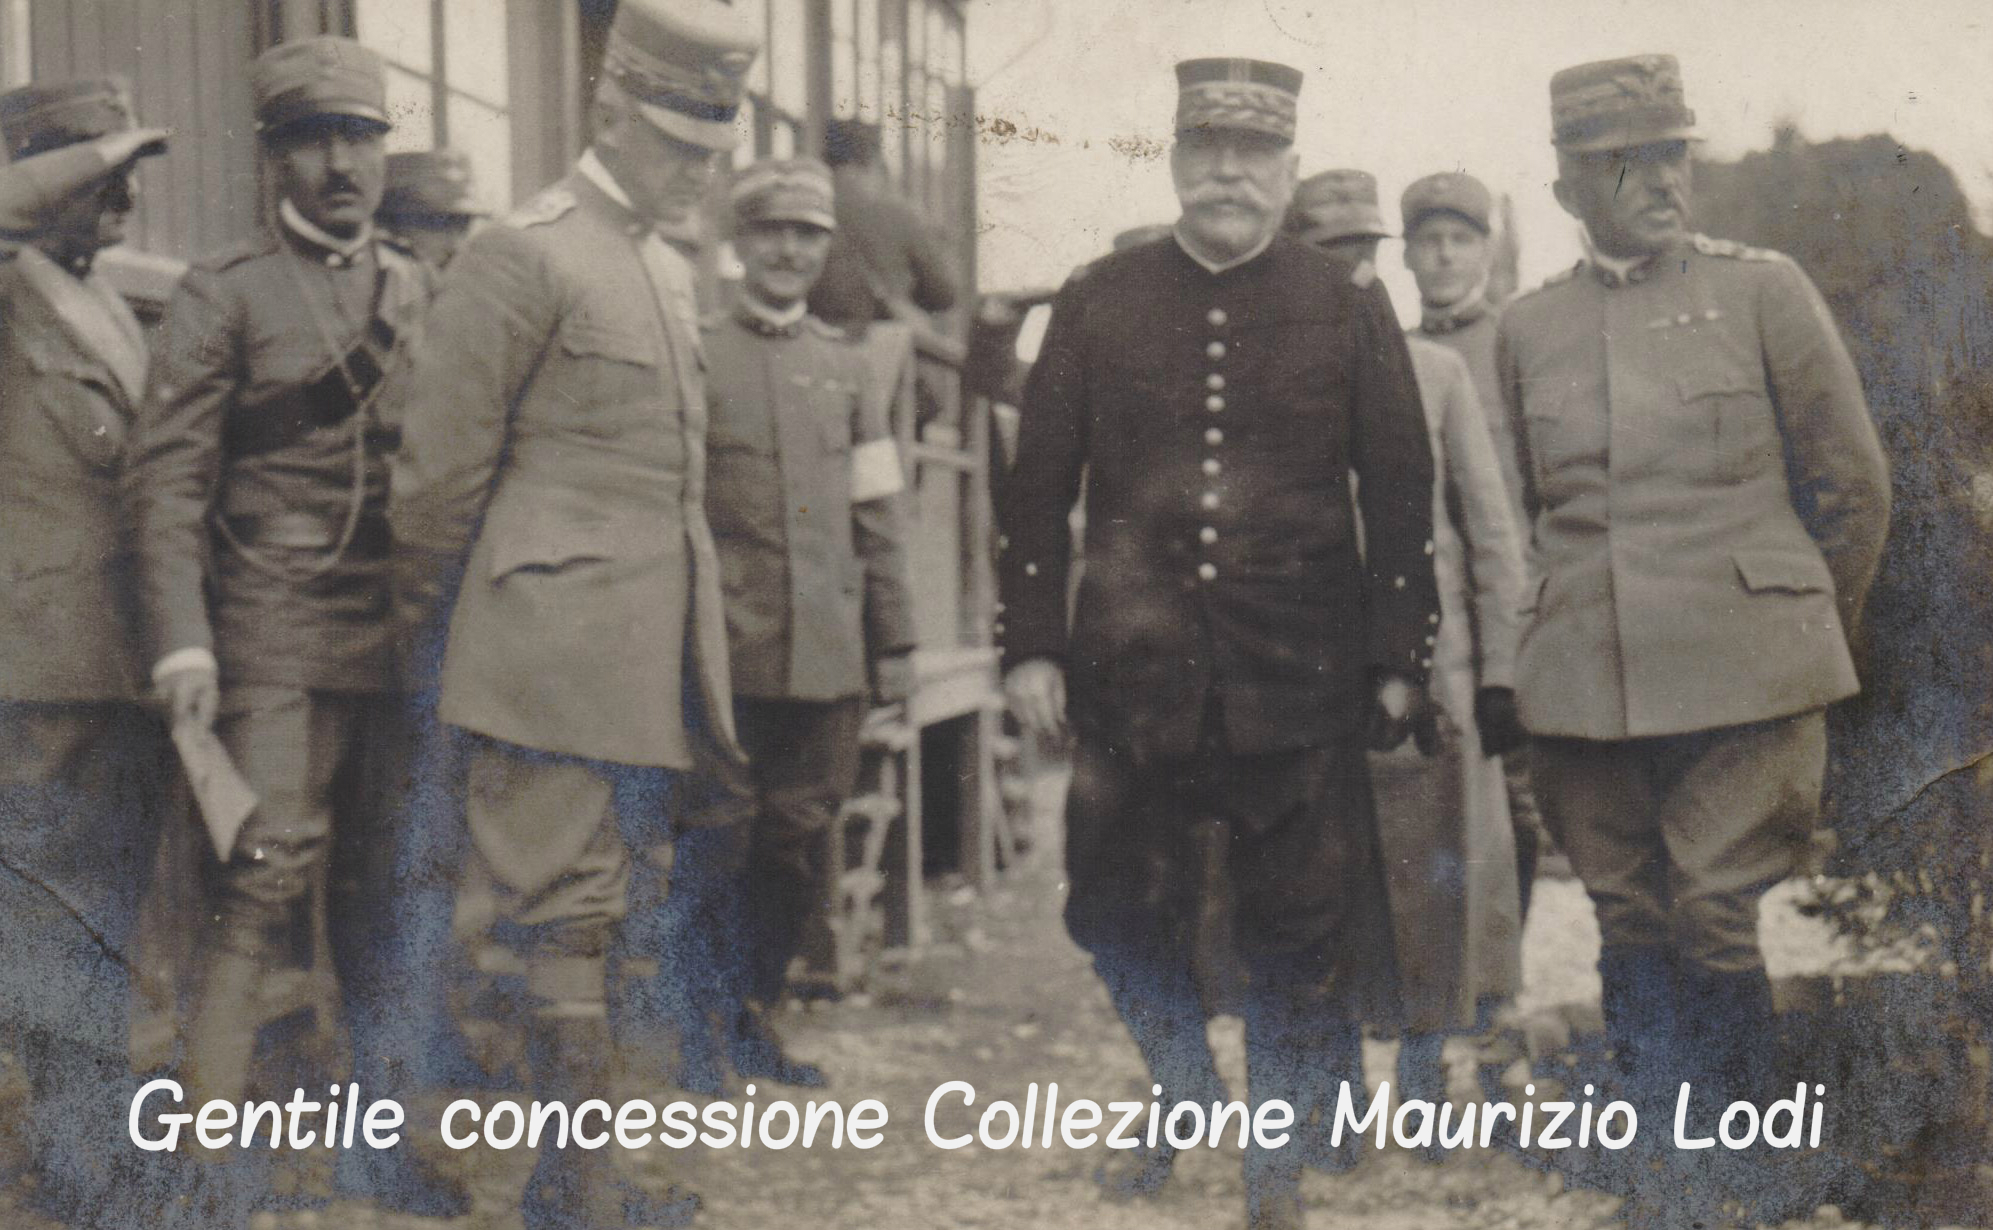 il Duca Aosta Joffre e Cadorna località e data imprecisate (c).jpg